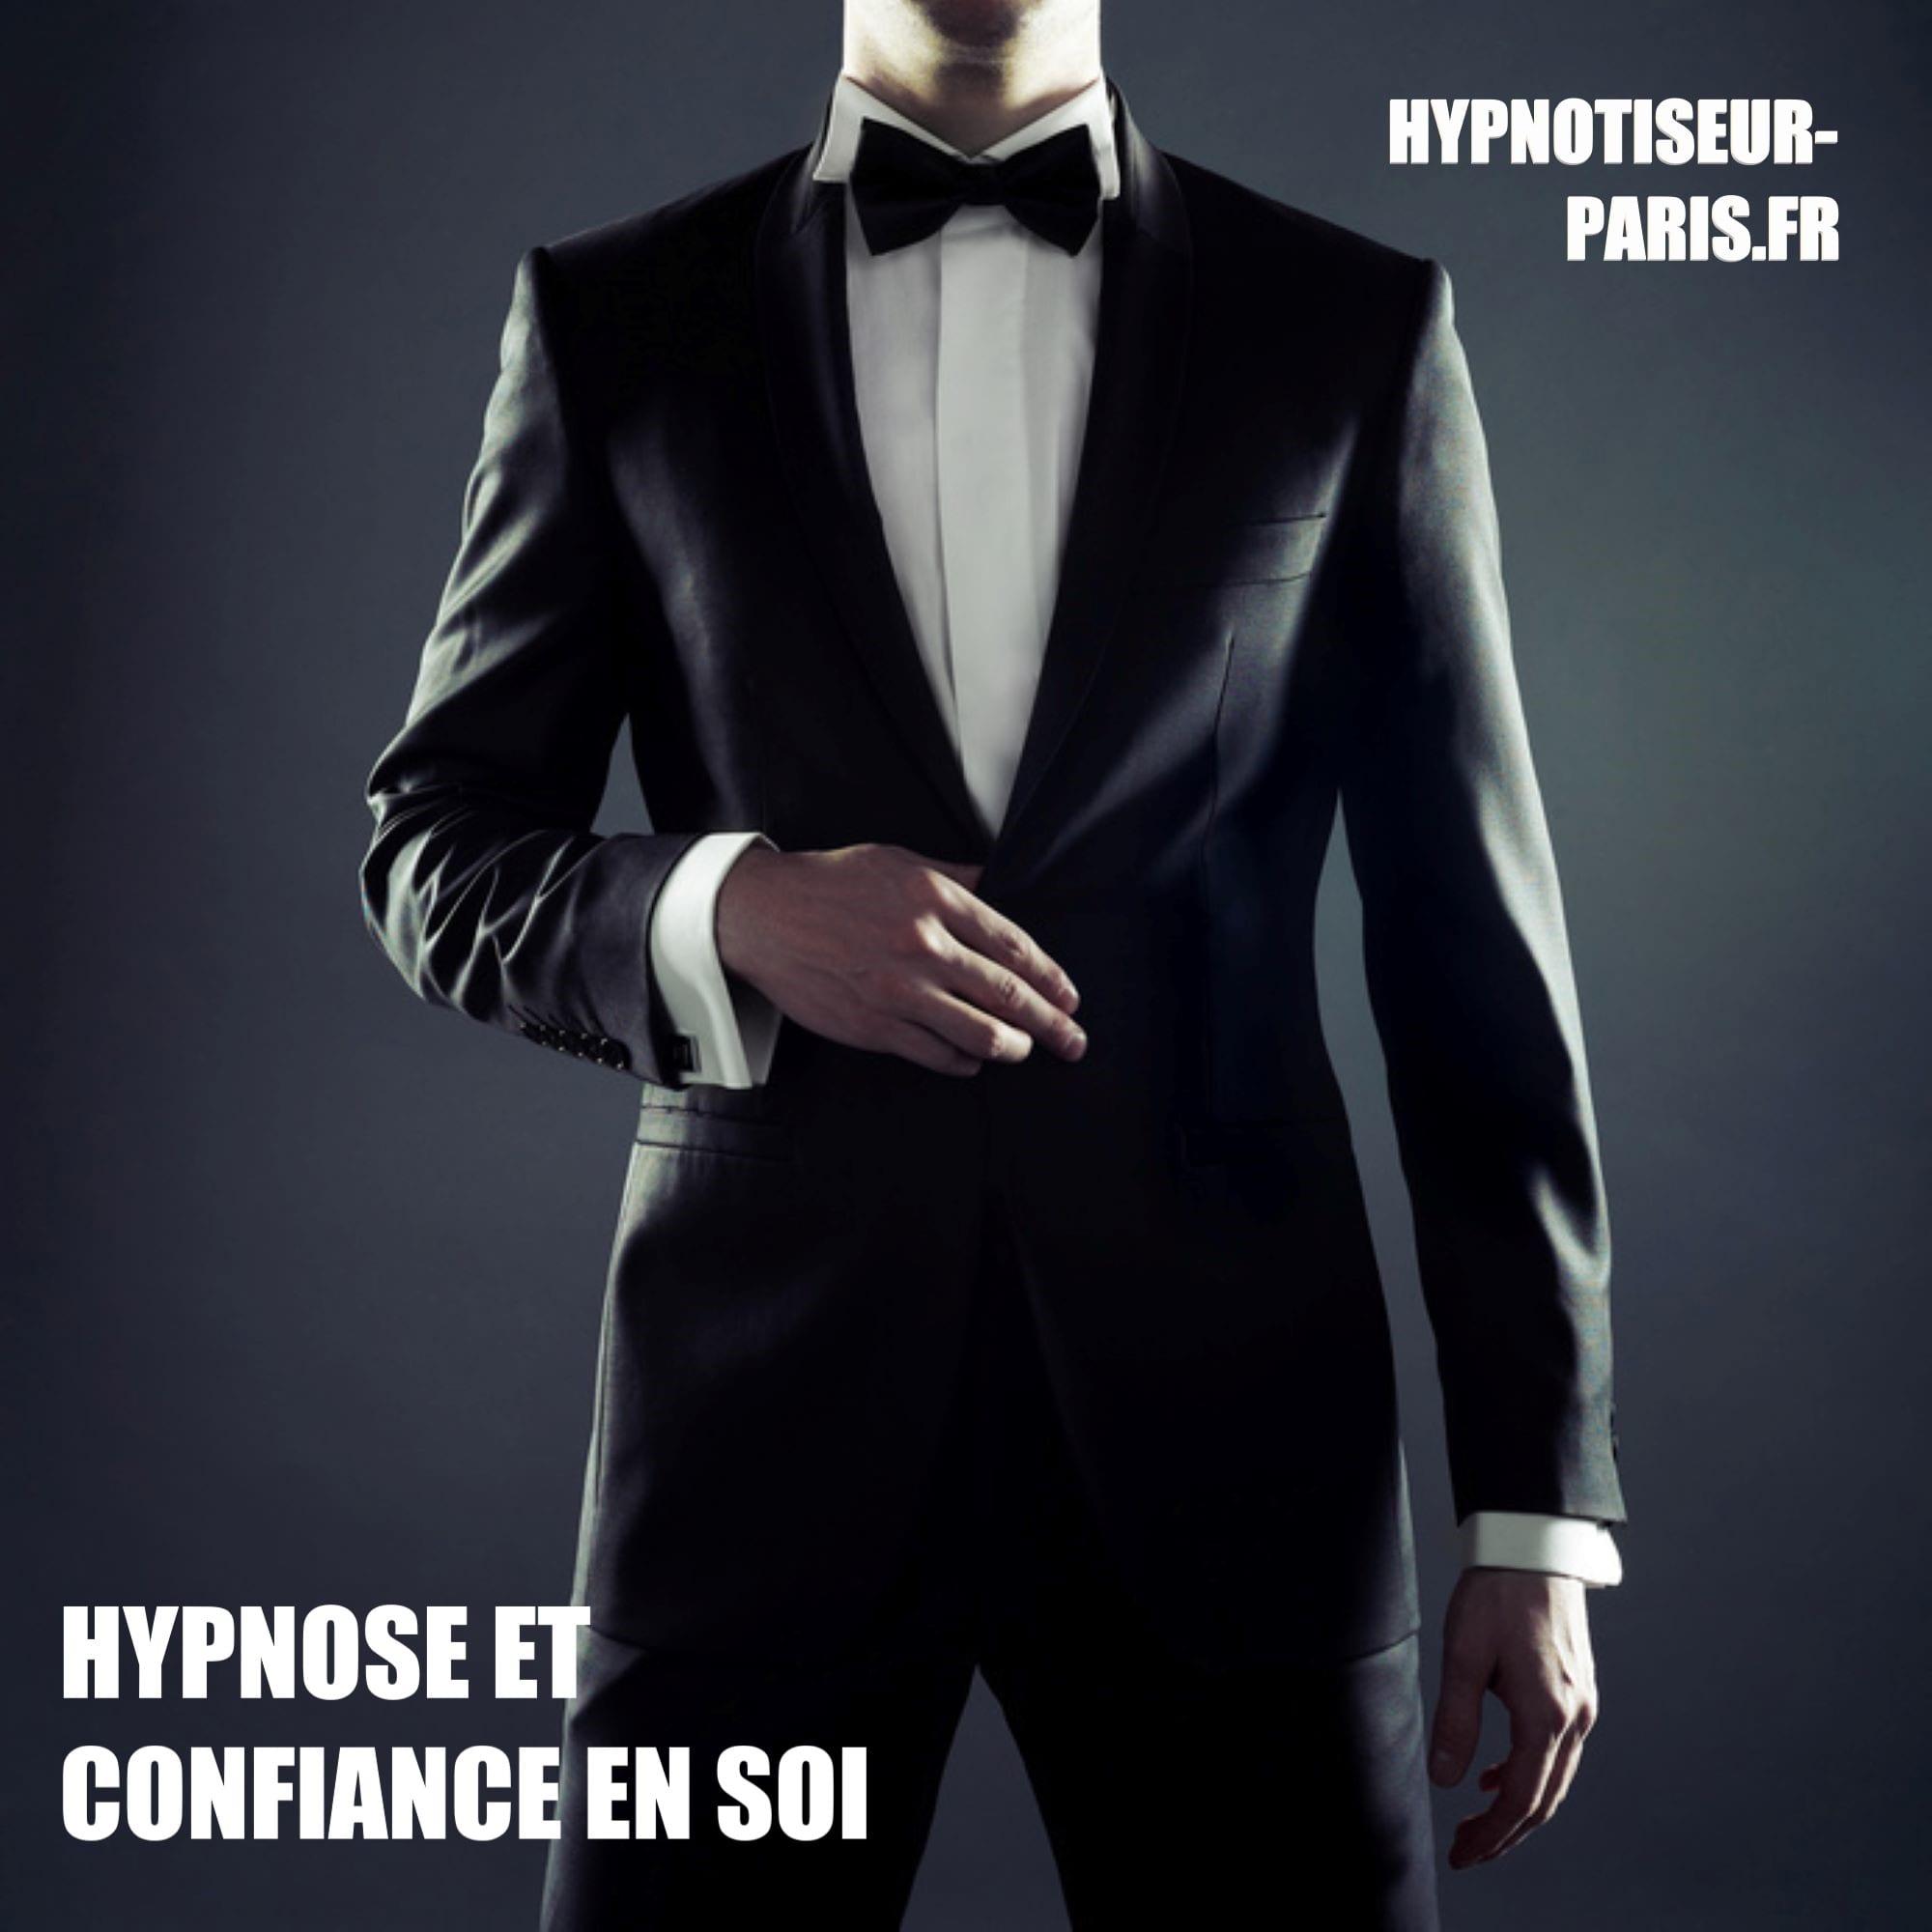 Avis VIvien Bourg-La-Reine - Lhypnose pour créer une Confiance unstoppable - shaff hypnose bourg-la-reine Créez une confiance inarrêtable à L'Haÿ-les-Roses (94240) , Créez une confiance inarrêtable à Cachan (94230 ) , Créez une confiance inarrêtable à Arcueil (94110 ), Créez une confiance inarrêtable à Bagneux (92220 ) , Créez une confiance inarrêtable à Sceaux (92330 ), Créez une confiance inarrêtable à Fontenay-aux-Roses (92260 ), Créez une confiance inarrêtable à Chevilly-Larue (94550 ) , Créez une confiance inarrêtable s à Châtillon (92320 ), Créez une confiance inarrêtable à Fresnes (94260 ), Créez une confiance inarrêtable au Plessis-Robinson (92350 ) , Créez une confiance inarrêtable à Montrouge (92120 ) , Créez une confiance inarrêtable à Antony (92160 ), Créez une confiance inarrêtable à Gentilly (94250 ), Créez une confiance inarrêtable à Malakoff (92240 ), Créez une confiance inarrêtable à Villejuif (94800 ) , Créez une confiance inarrêtable à Clamart (92140 ), Créez une confiance inarrêtable à Châtenay-Malabry (92290 ), Créez une confiance inarrêtable à Rungis (94150 ) , Créez une confiance inarrêtable au Kremlin-Bicêtre (94270), Créez une confiance inarrêtable à Paris (75), Créez une confiance inarrêtable en Île de France , Créez une confiance inarrêtable à Paris (75000) , Créez une confiance inarrêtable à Boulogne-Billancourt (92100) , Créez une confiance inarrêtable à Saint-Denis (93200) , Créez une confiance inarrêtable à Argenteuil (95100) , Créez une confiance inarrêtable à Montreuil (93100) , Créez une confiance inarrêtable à Créteil (94000) , Créez une confiance inarrêtable à Nanterre (92000) , Créez une confiance inarrêtable à Courbevoie (92400) , Créez une confiance inarrêtable à Versailles (78000) , Créez une confiance inarrêtable à Vitry-sur-Seine (94400) , Créez une confiance inarrêtable à Colombes (92700) , Créez une confiance inarrêtable à Asnières-sur-Seine (92600) , Créez une confiance inarrêtable à Aulnay-sous-Bois (93600) , Créez une c